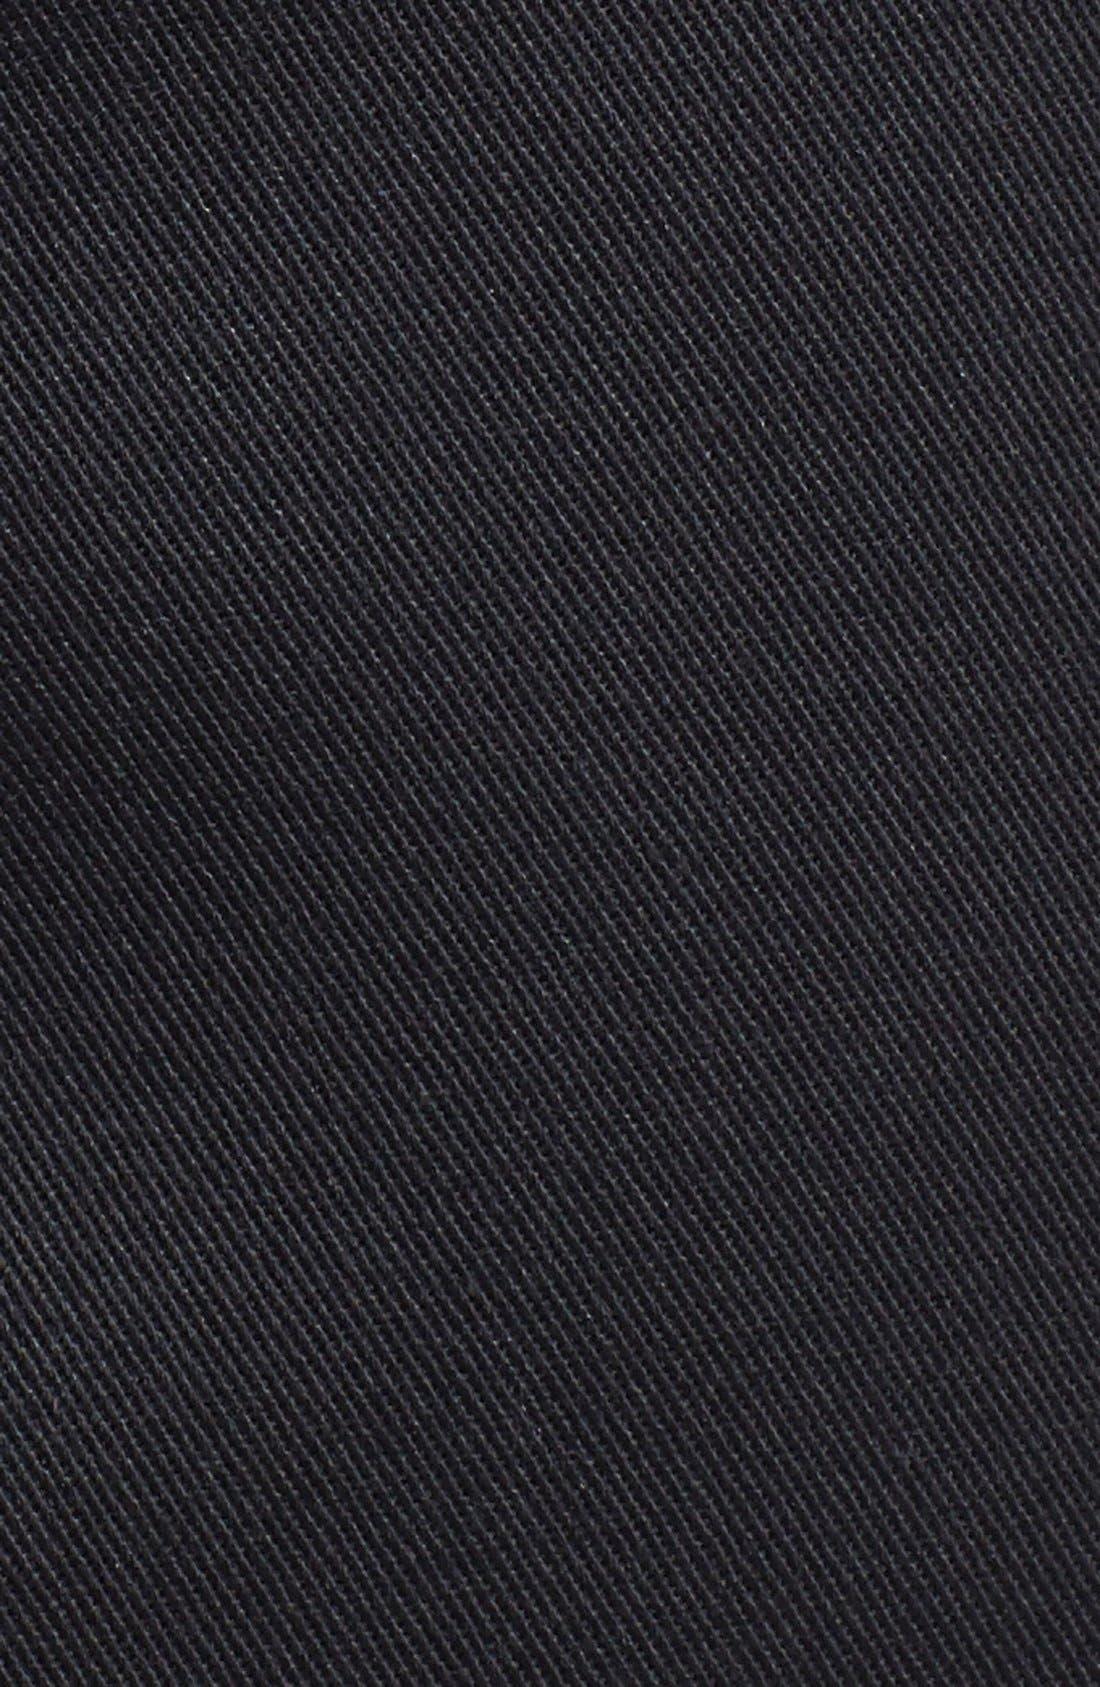 NORDSTROM MEN'S SHOP, Smartcare<sup>™</sup> Flat Front Shorts, Alternate thumbnail 8, color, BLACK